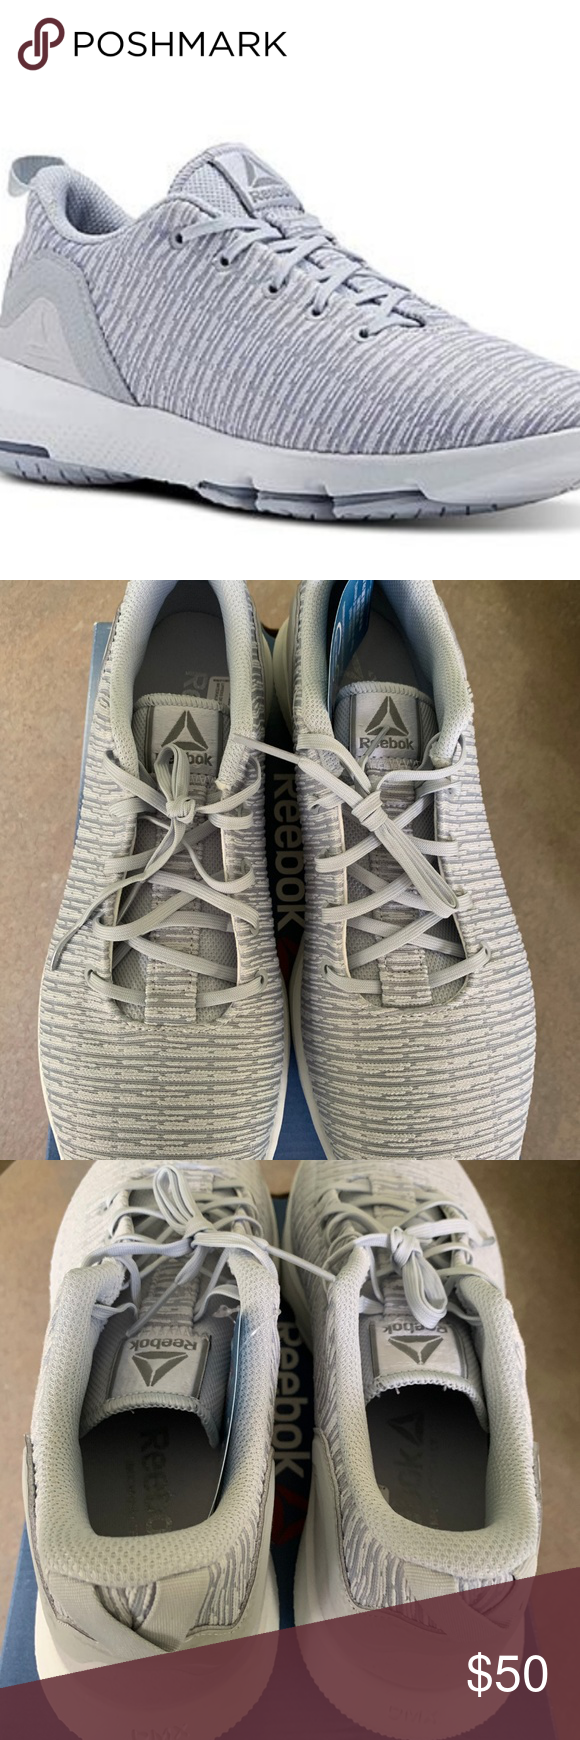 Cloudride DMX 3.0 Walking Shoe - Gr